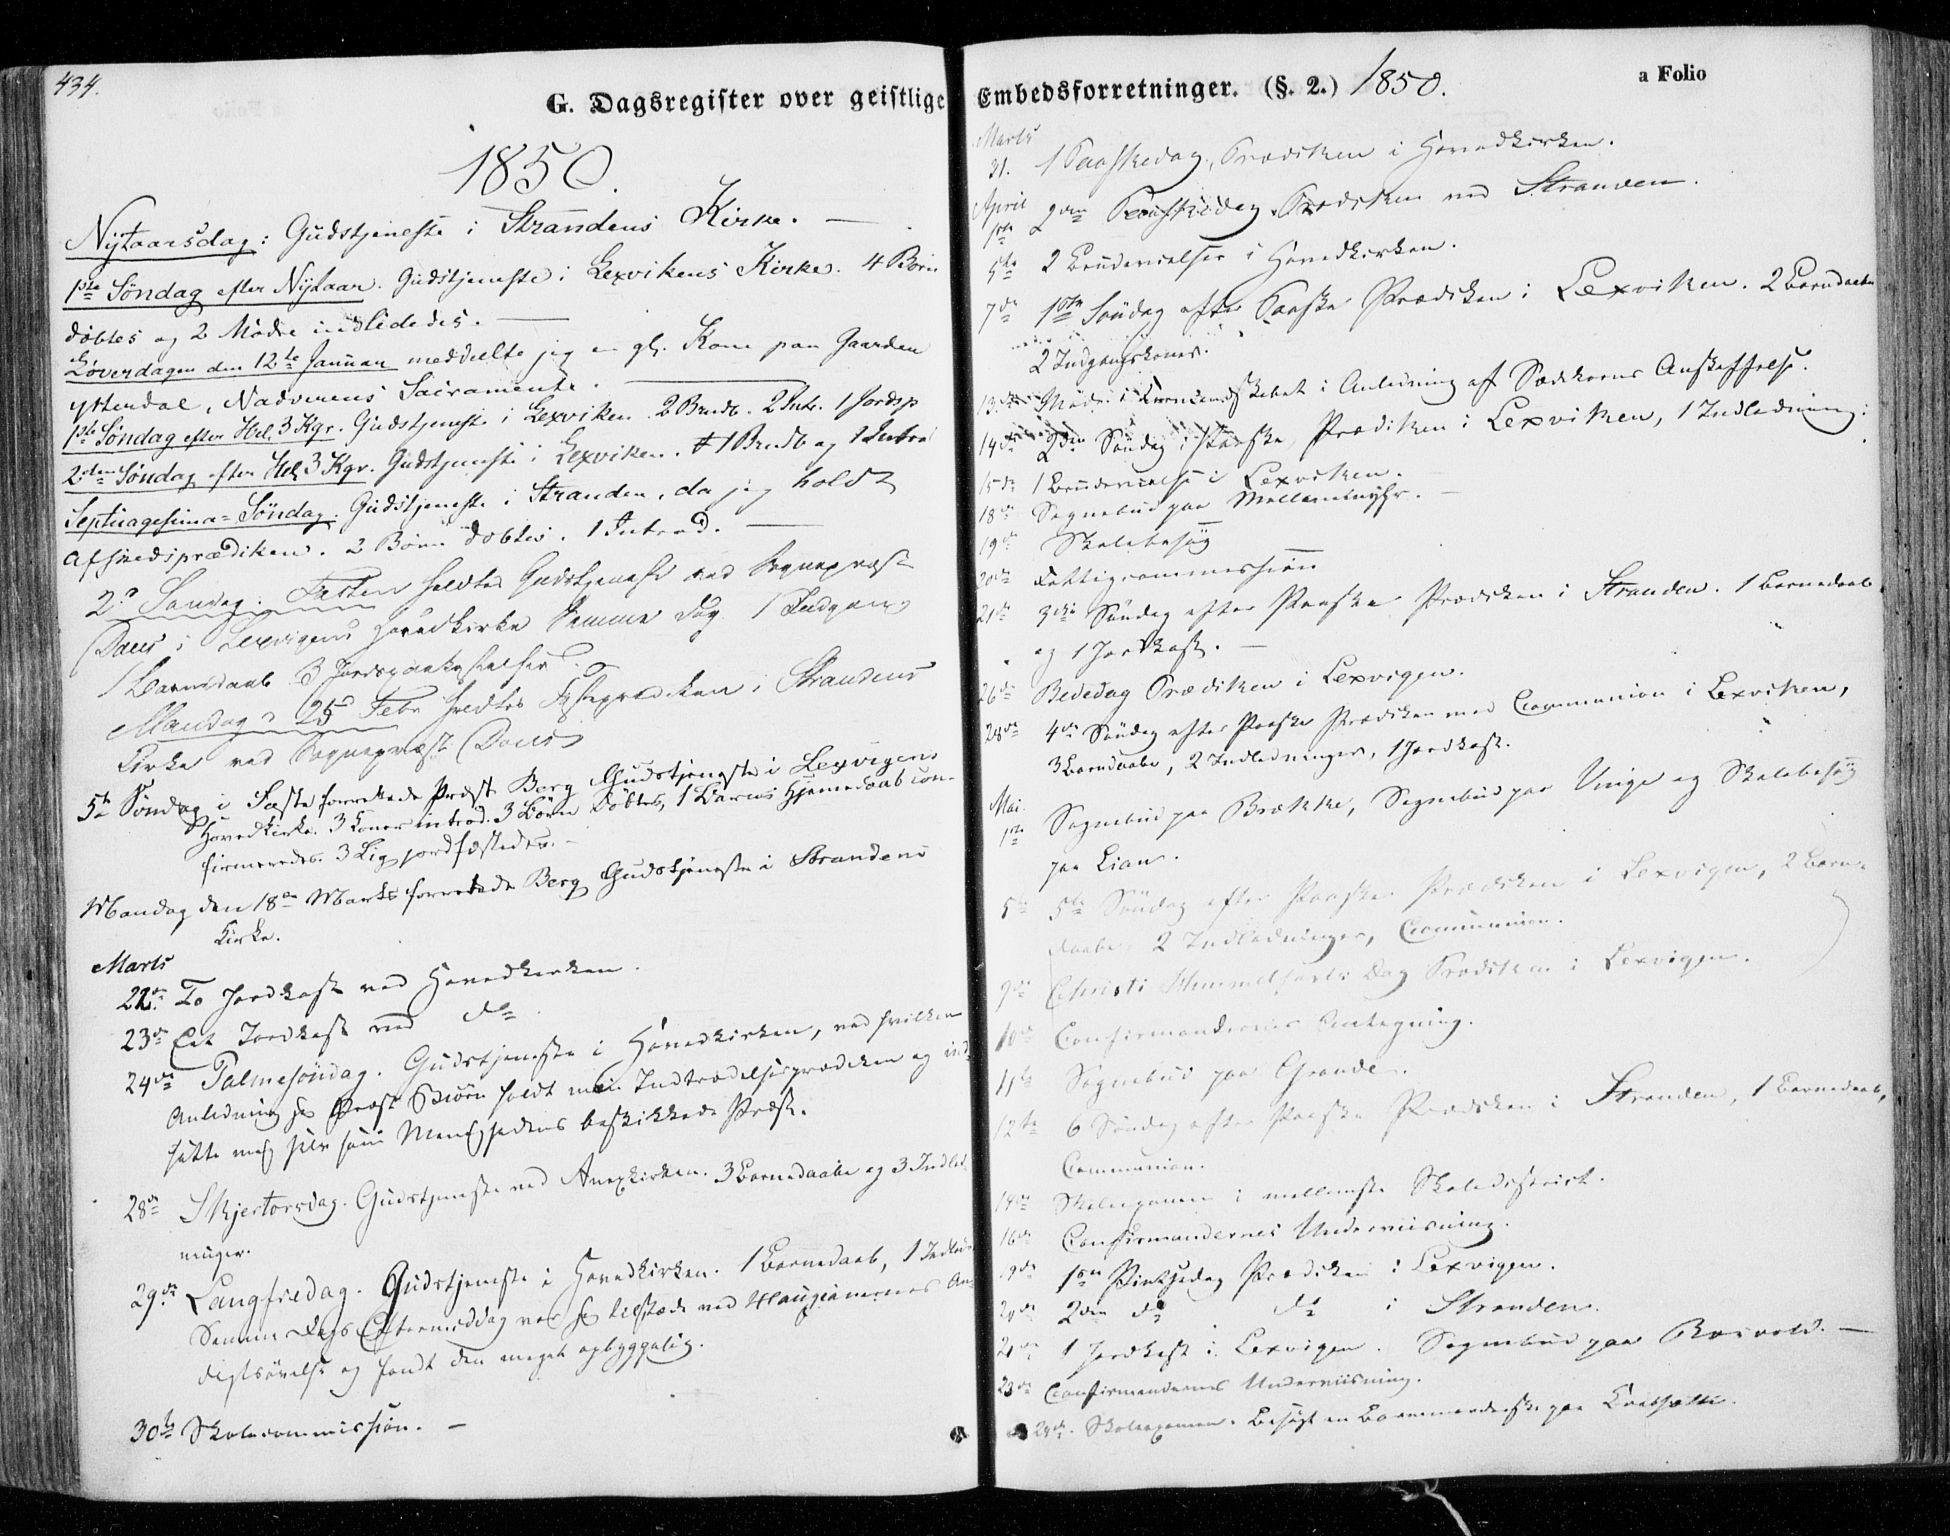 SAT, Ministerialprotokoller, klokkerbøker og fødselsregistre - Nord-Trøndelag, 701/L0007: Ministerialbok nr. 701A07 /1, 1842-1854, s. 434